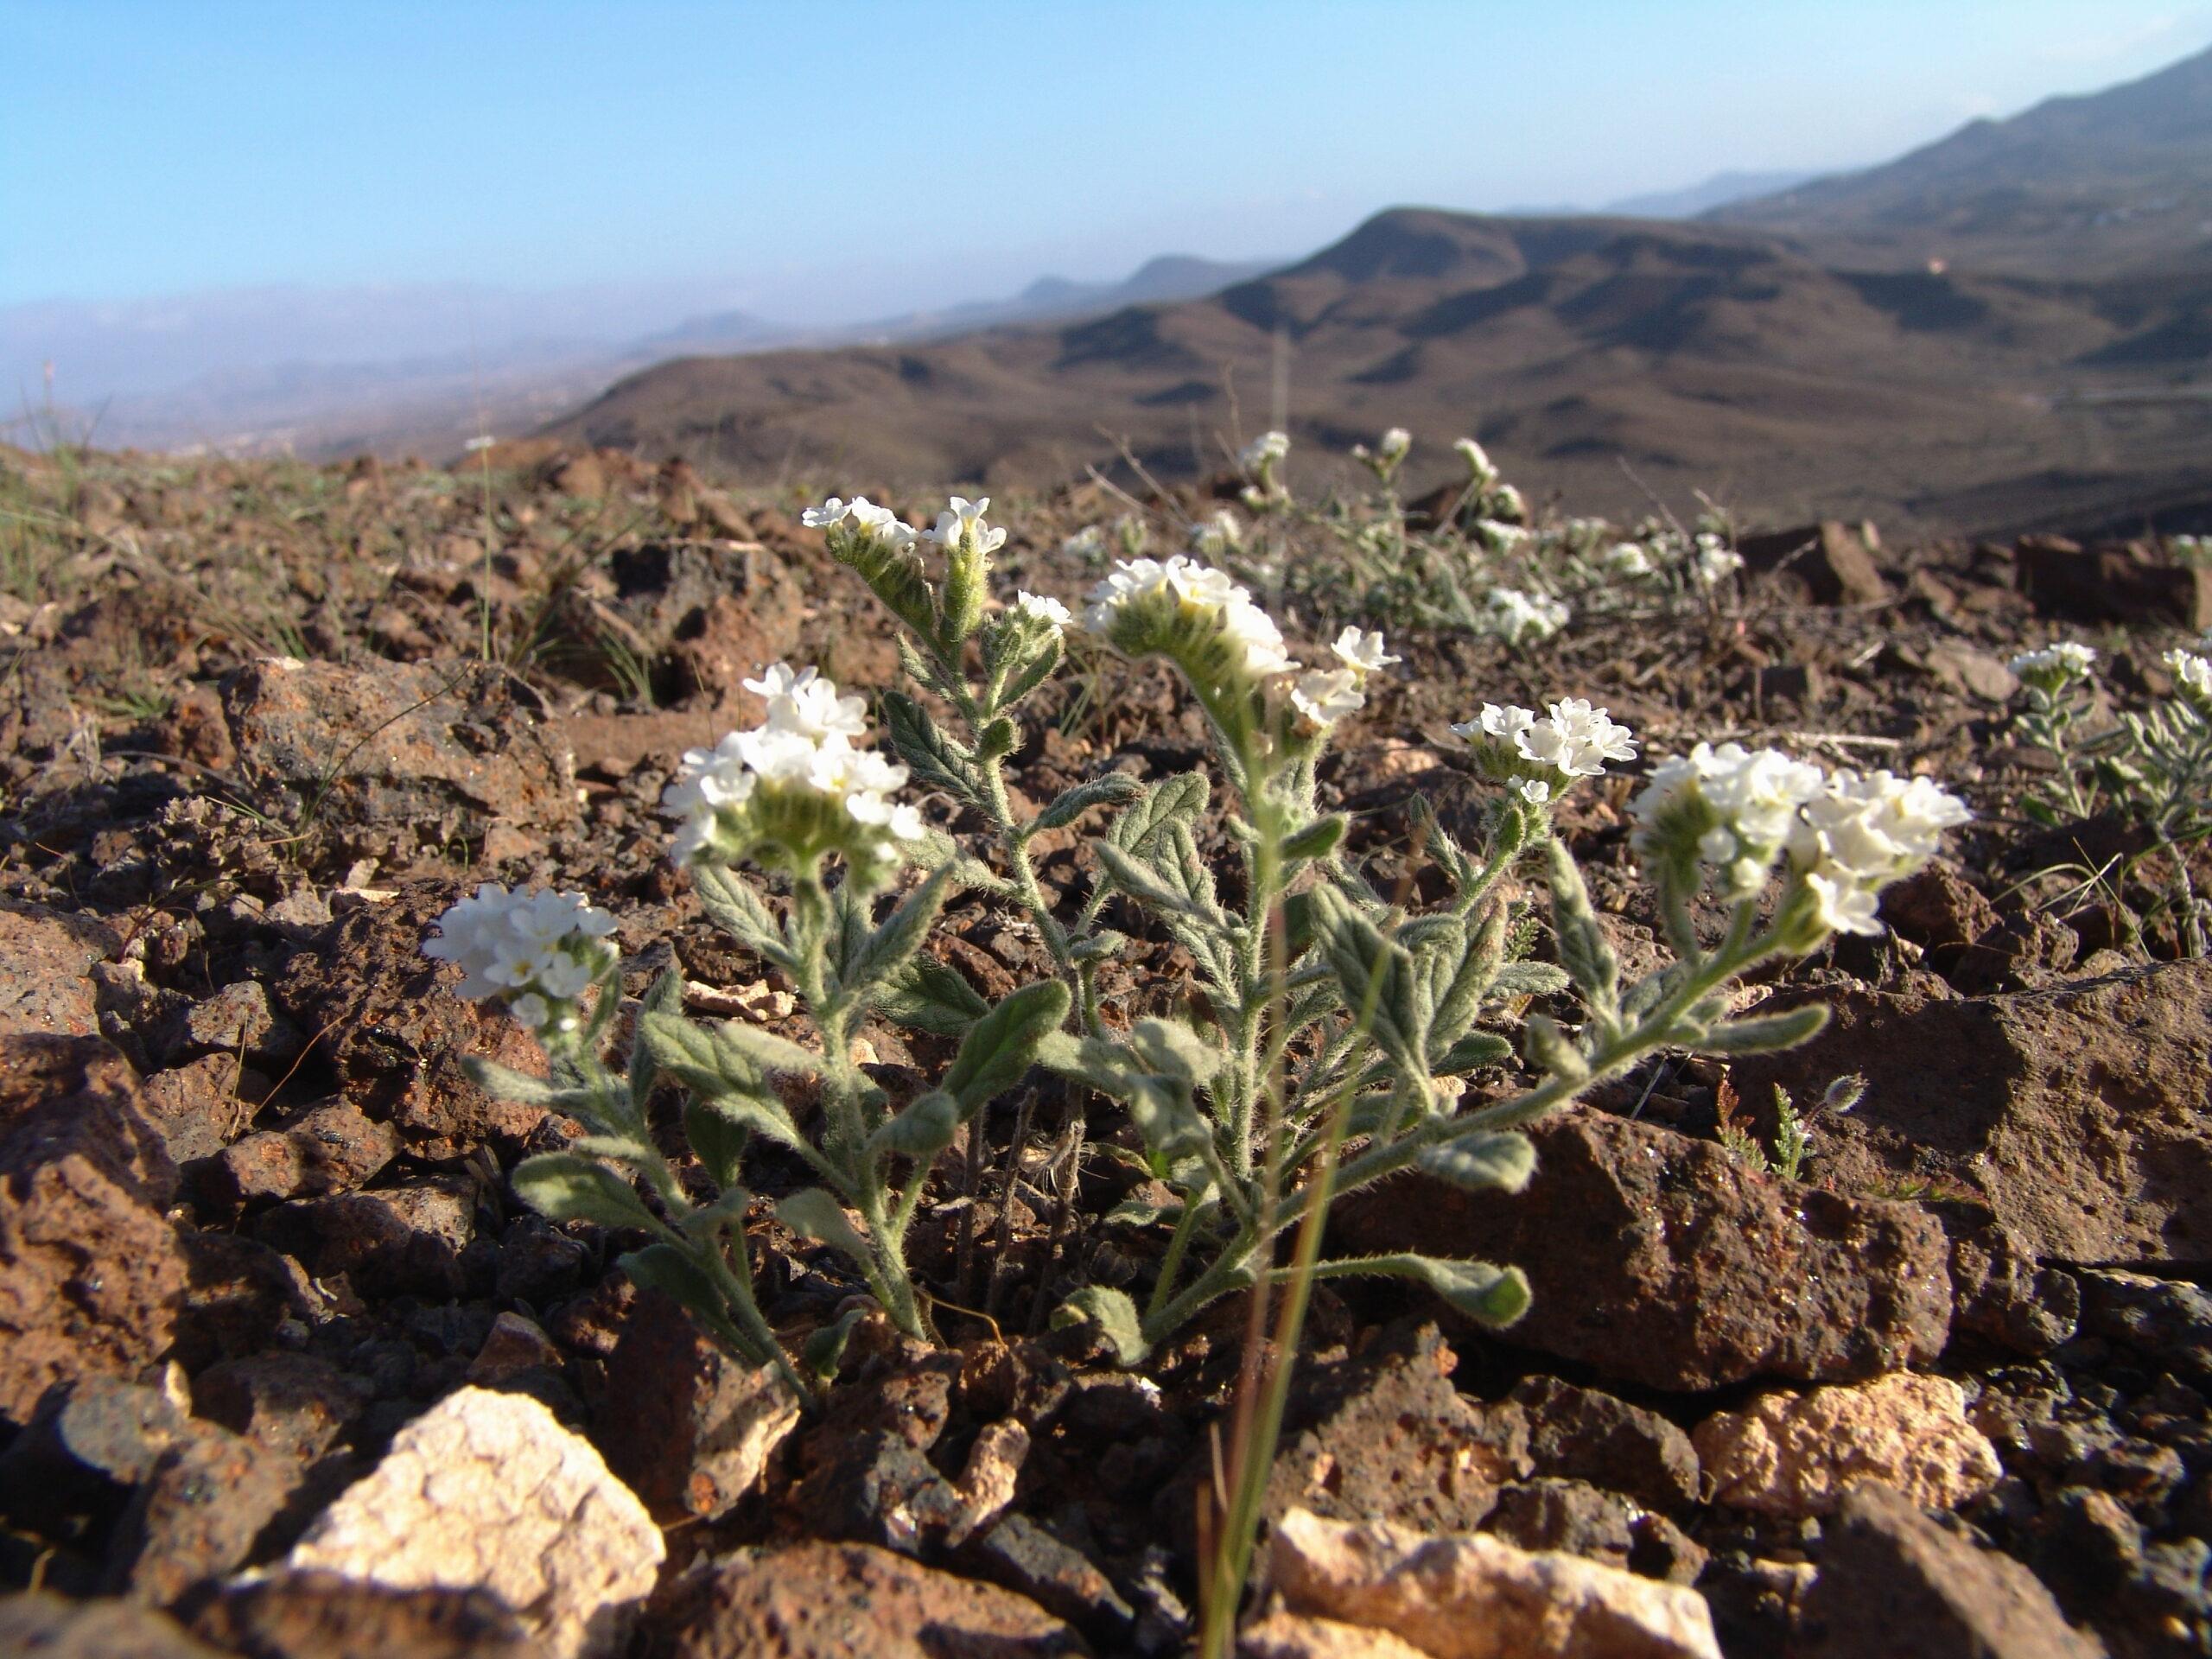 fuerteventura-07-100-camellera-habitat-scaled.jpg